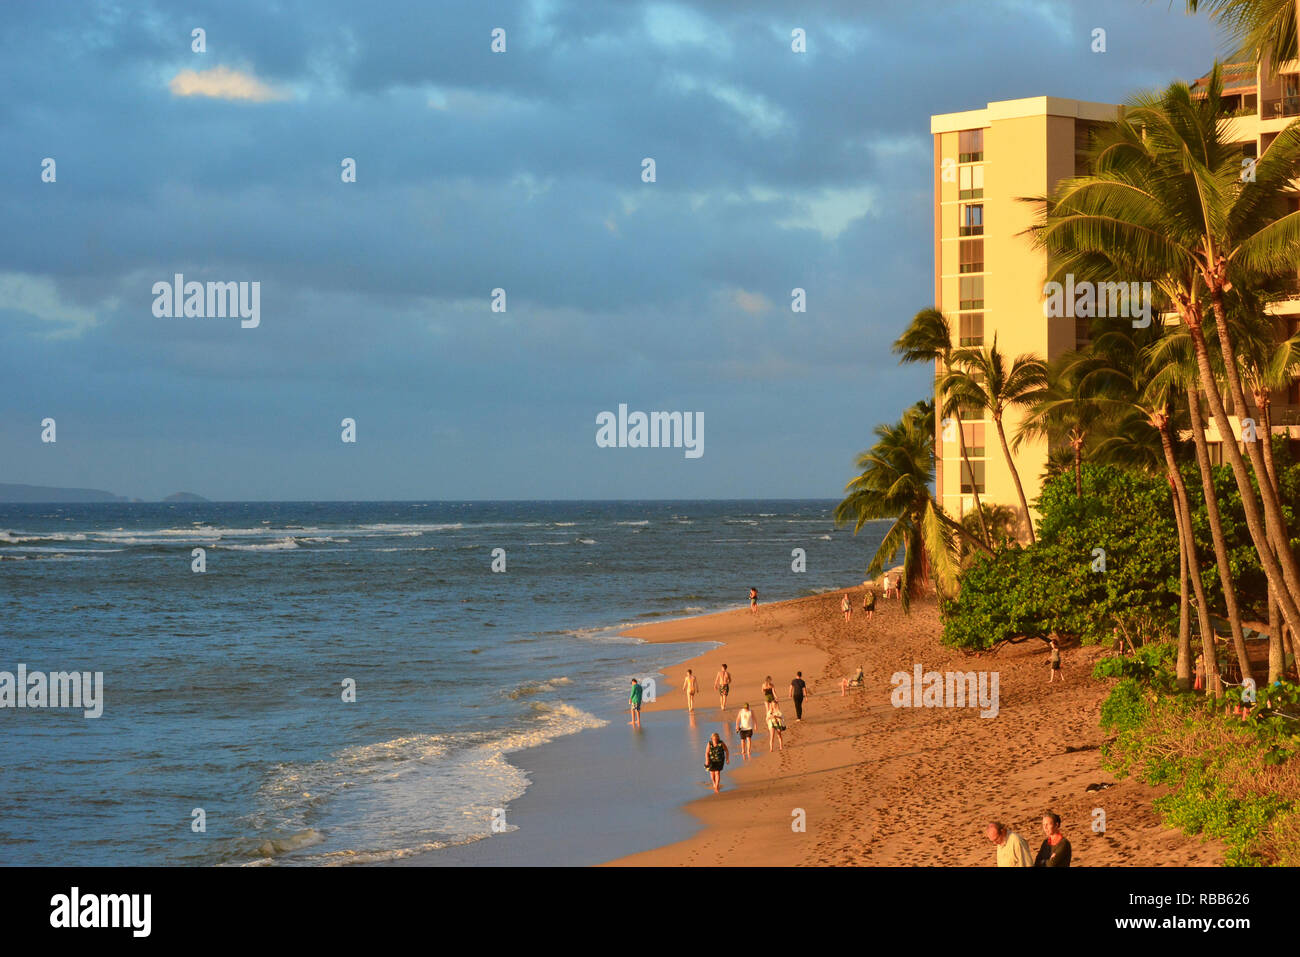 Schöne Kahana Beach auf Maui, Hawaii Inseln. Zwischen Kaanapali und Kapalua an der nordwestlichen Küste gelegen. Tolle Aussicht auf Molokai über dem Wasser Stockfoto